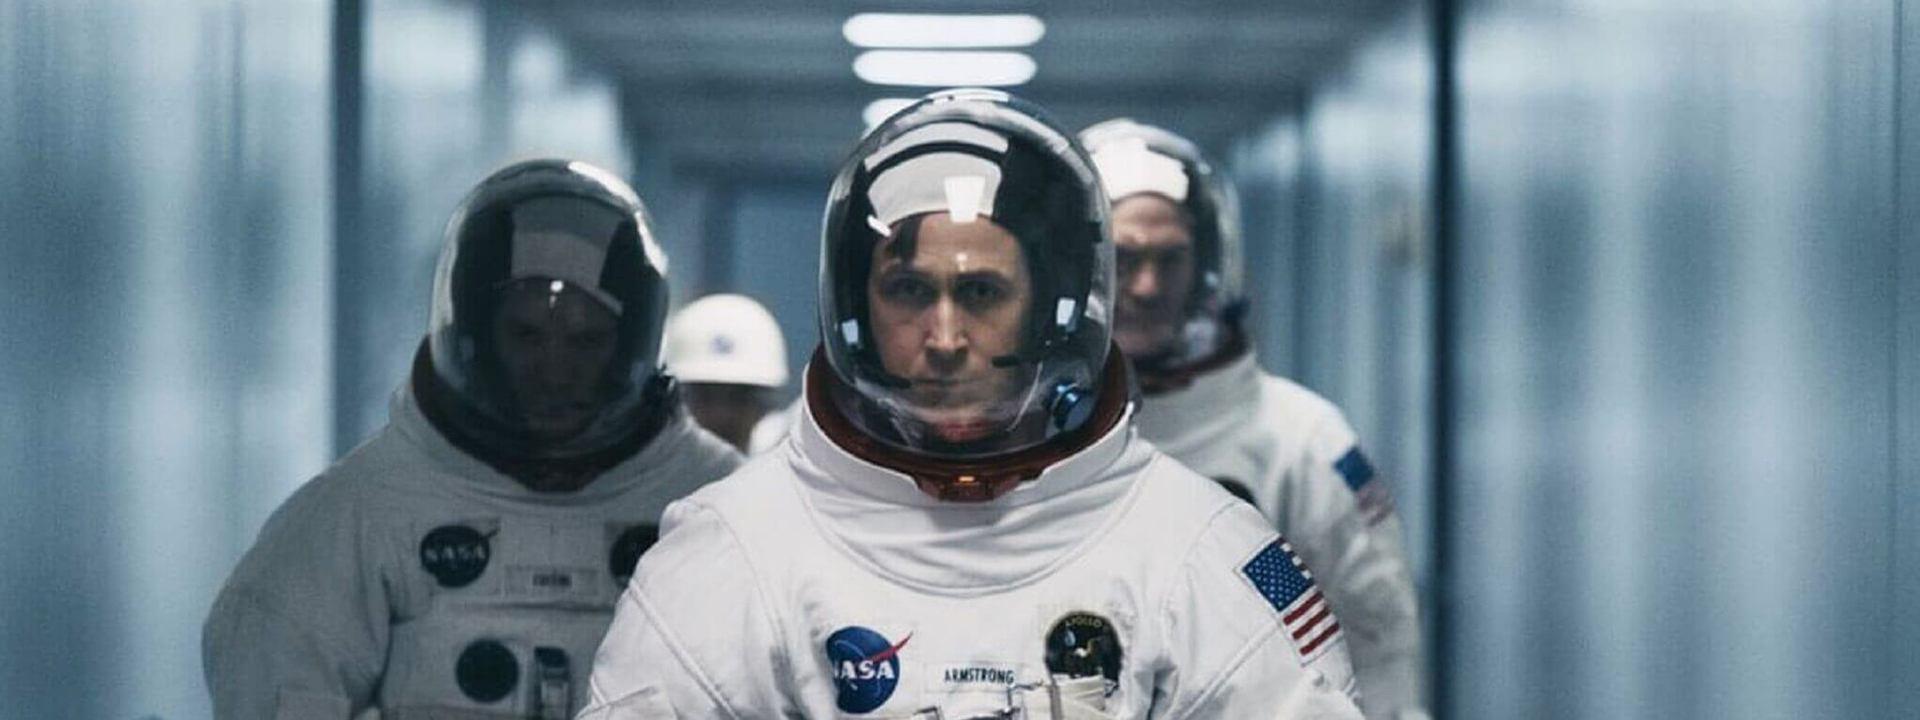 登月先鋒開啟太空冒險